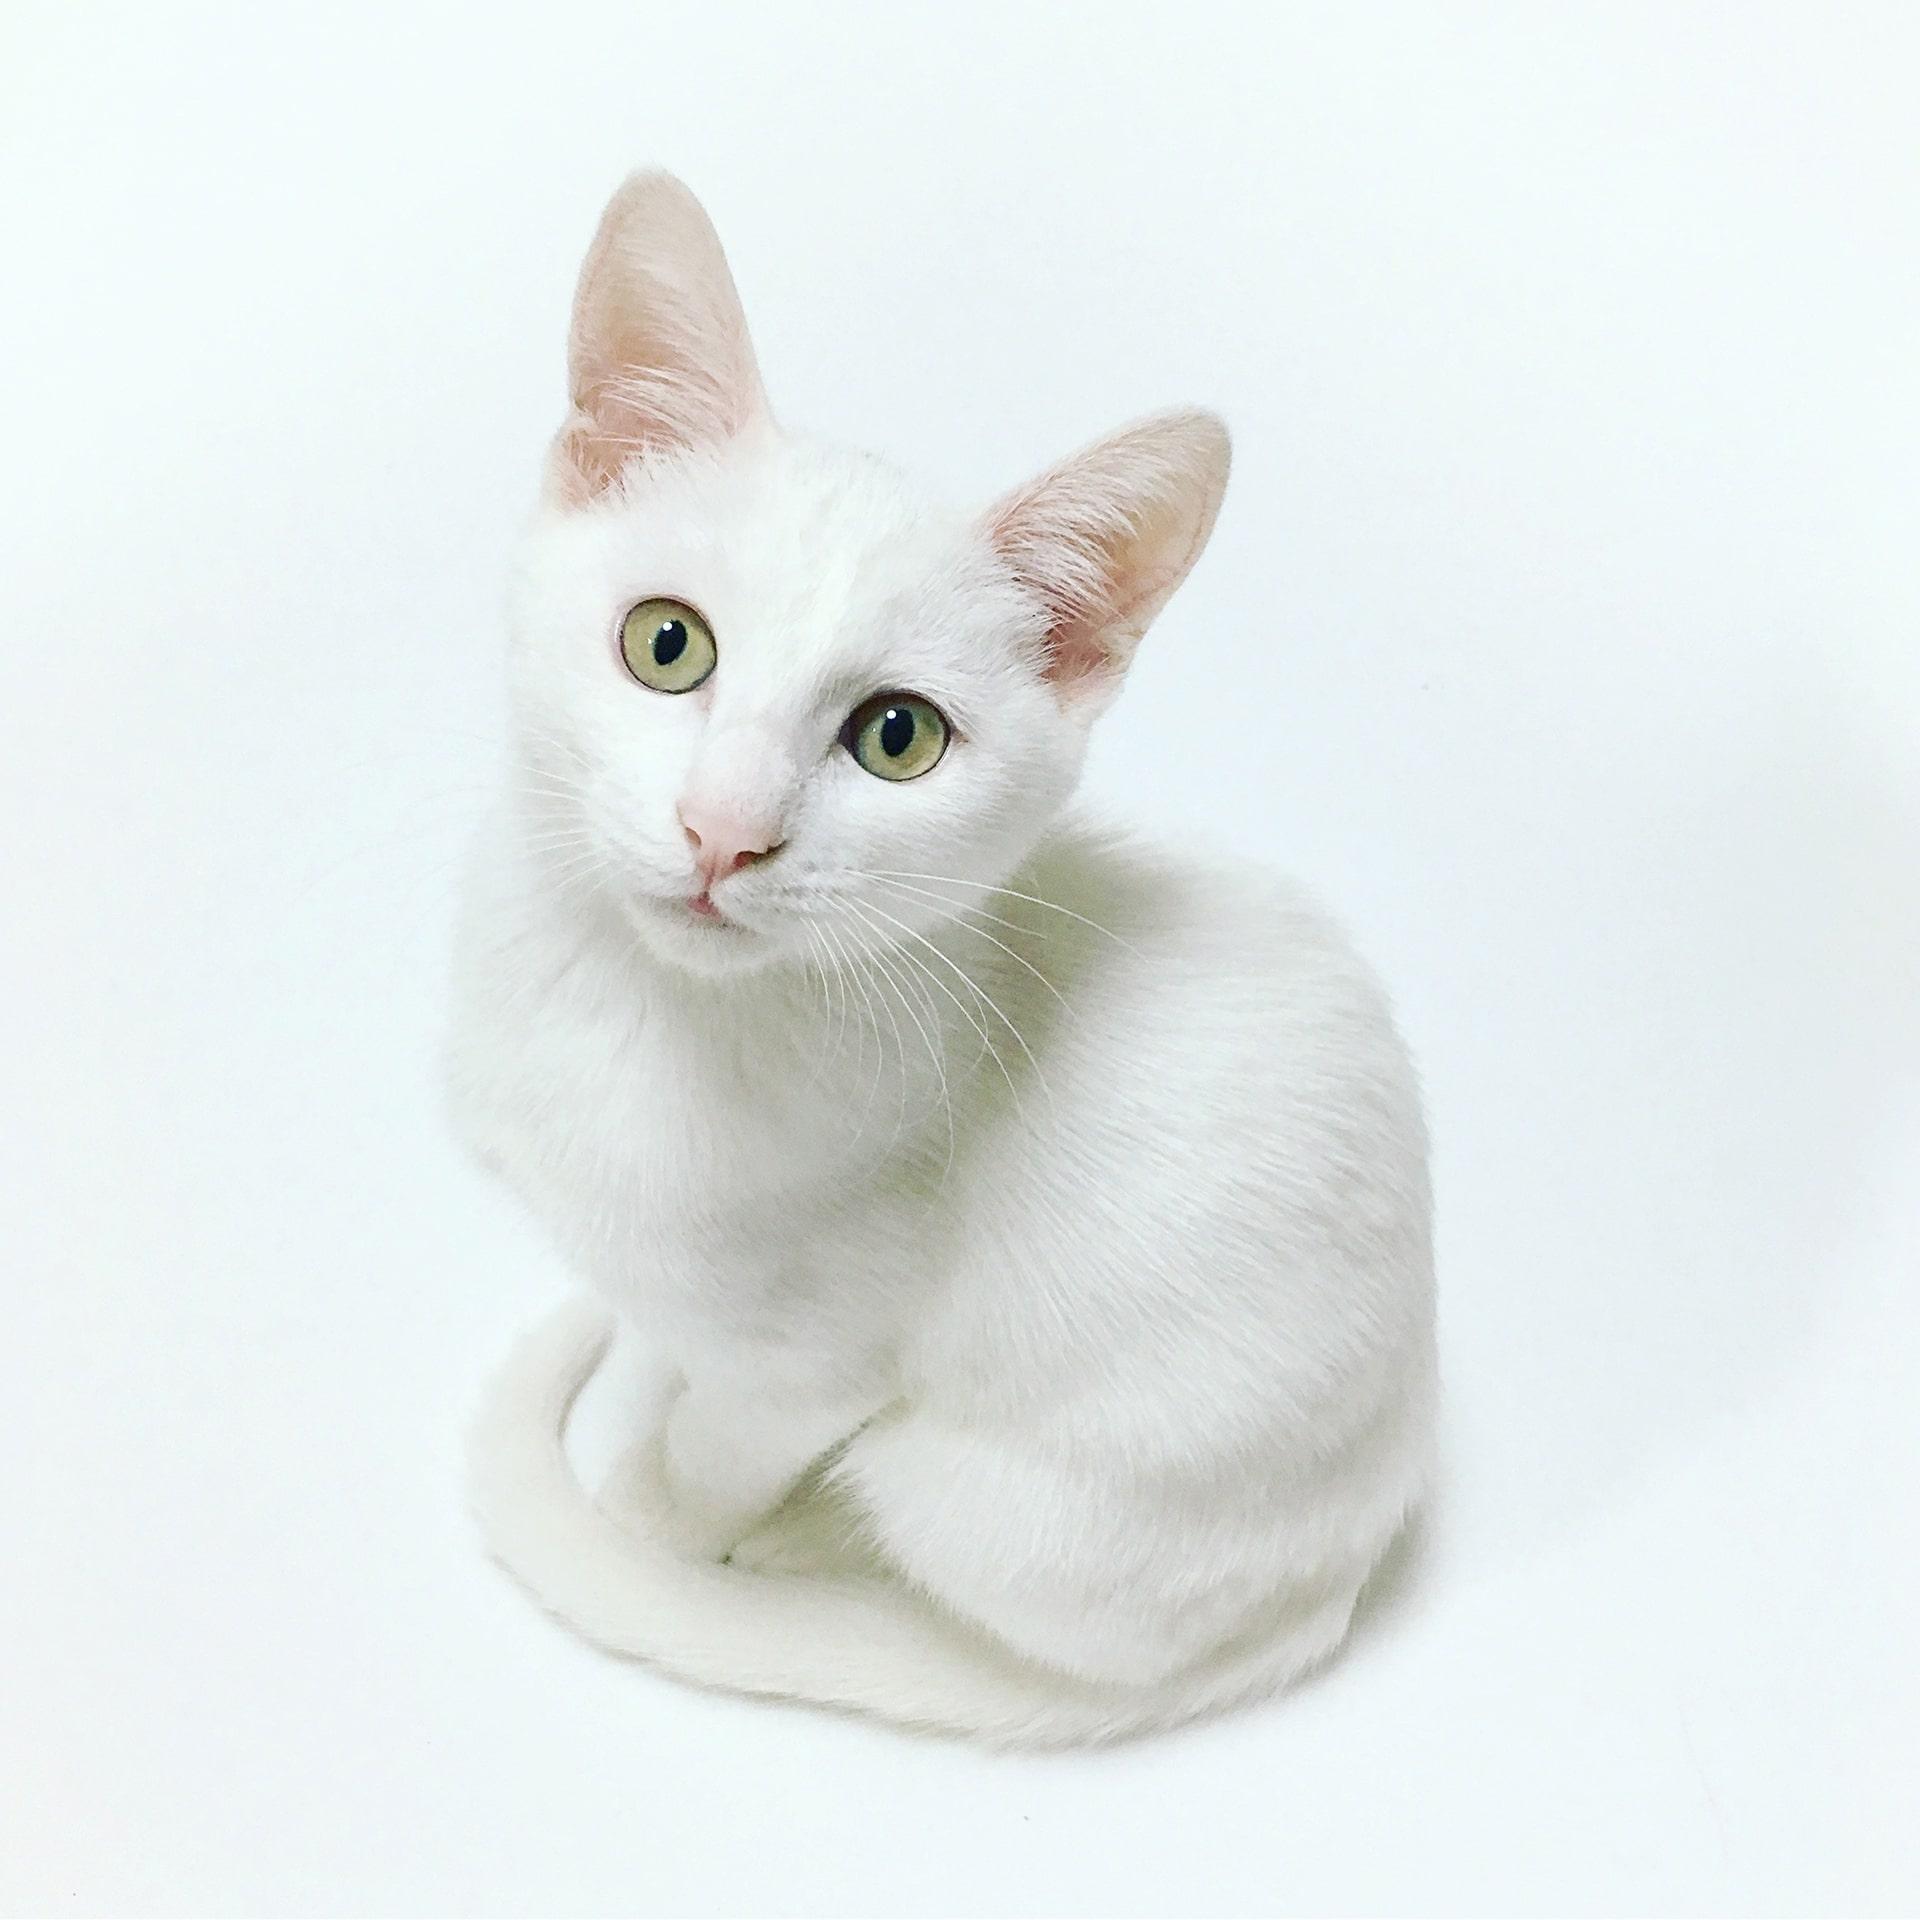 Suites des Communications Animales - Quand l'animal apprécie son nom - Suivre sa Joie - Saskia Parein